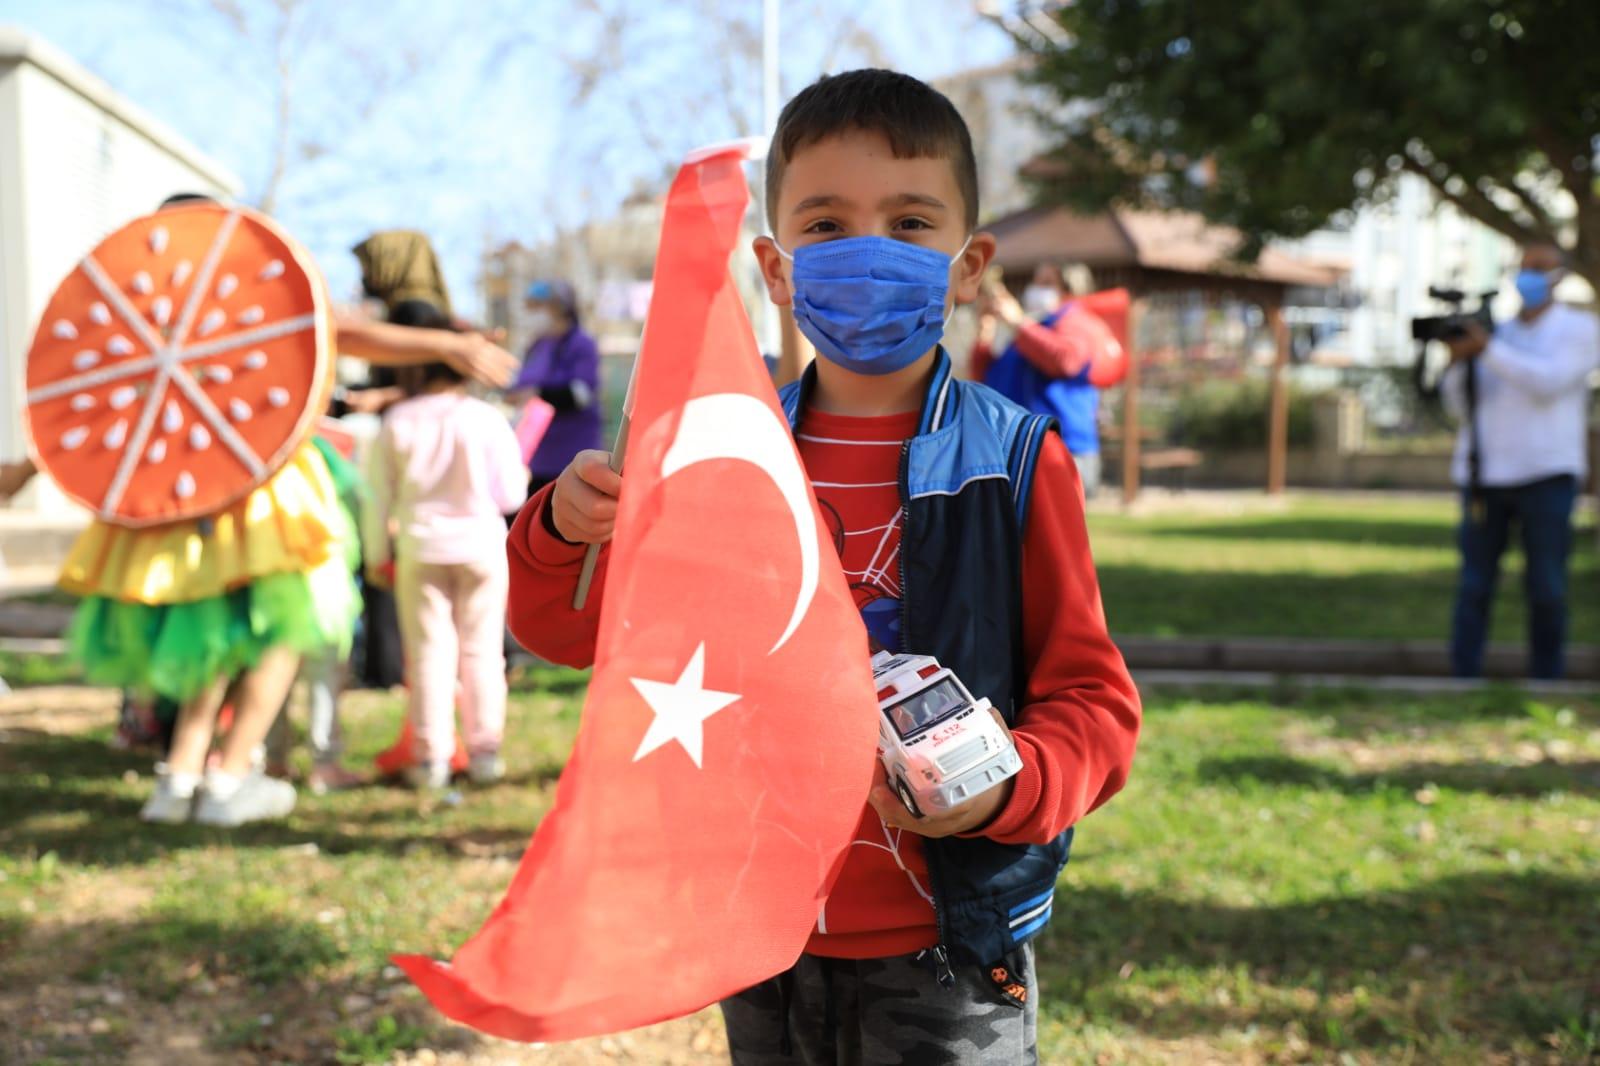 Antalya Büyükşehir Belediyesi 23 Nisan'a özel mobil konser düzenleyecek